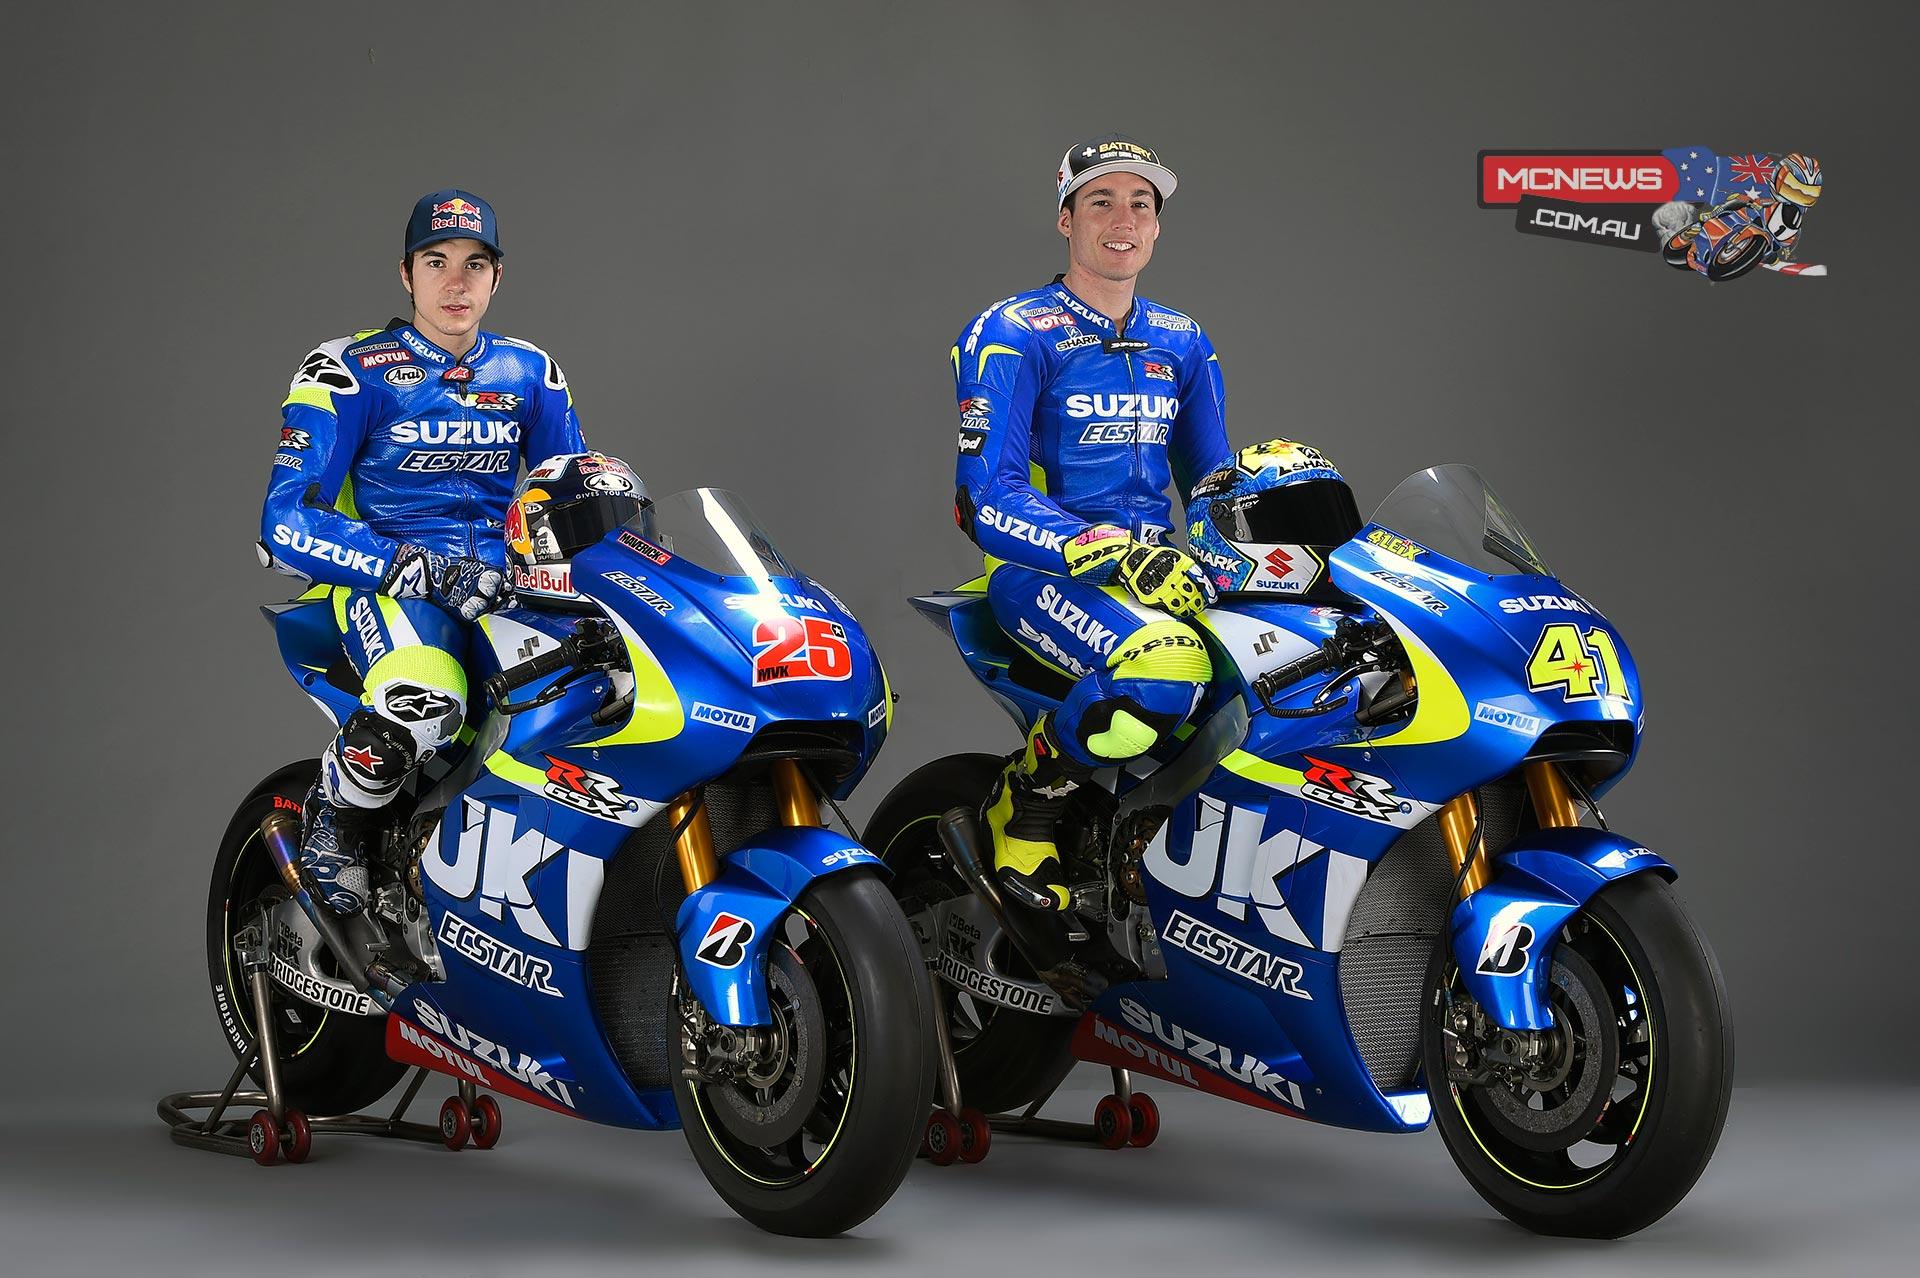 Moto Gp Teams